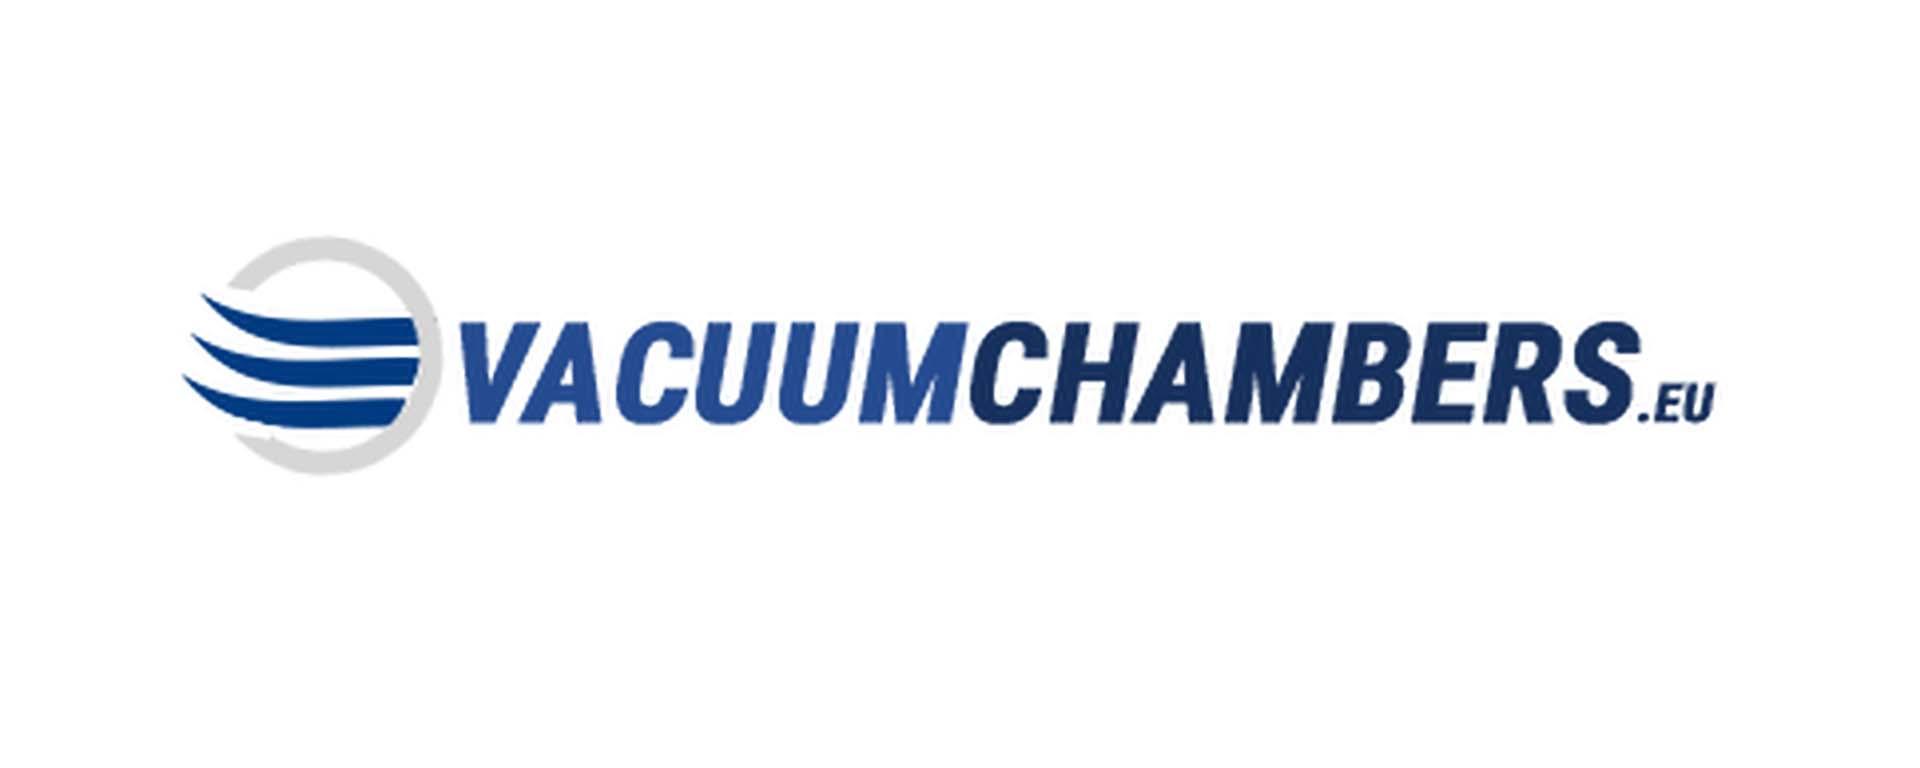 hoover wacuumchambers logo 1920x768